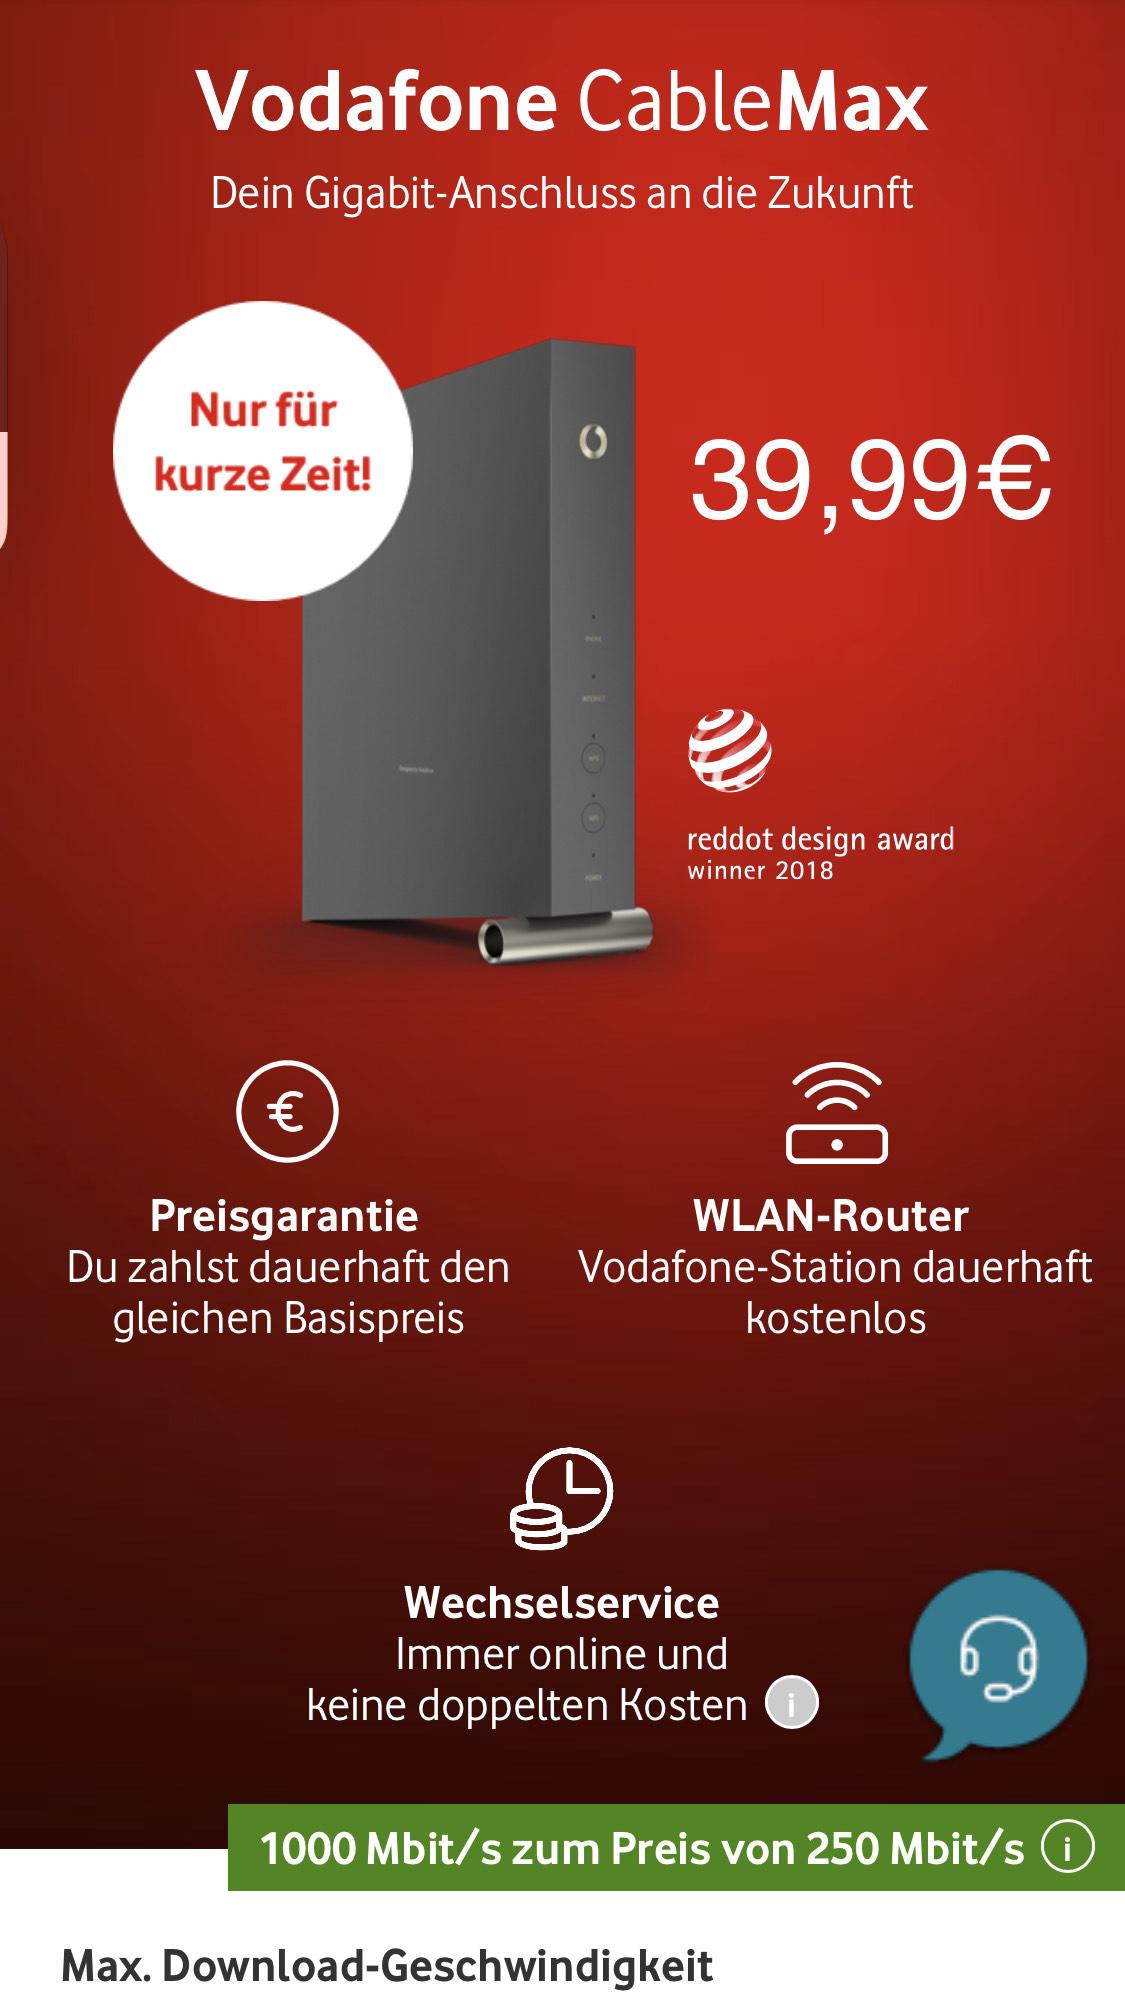 Vodafon Cable Max (1000Mbit/s) für dauerhafte 39,99€